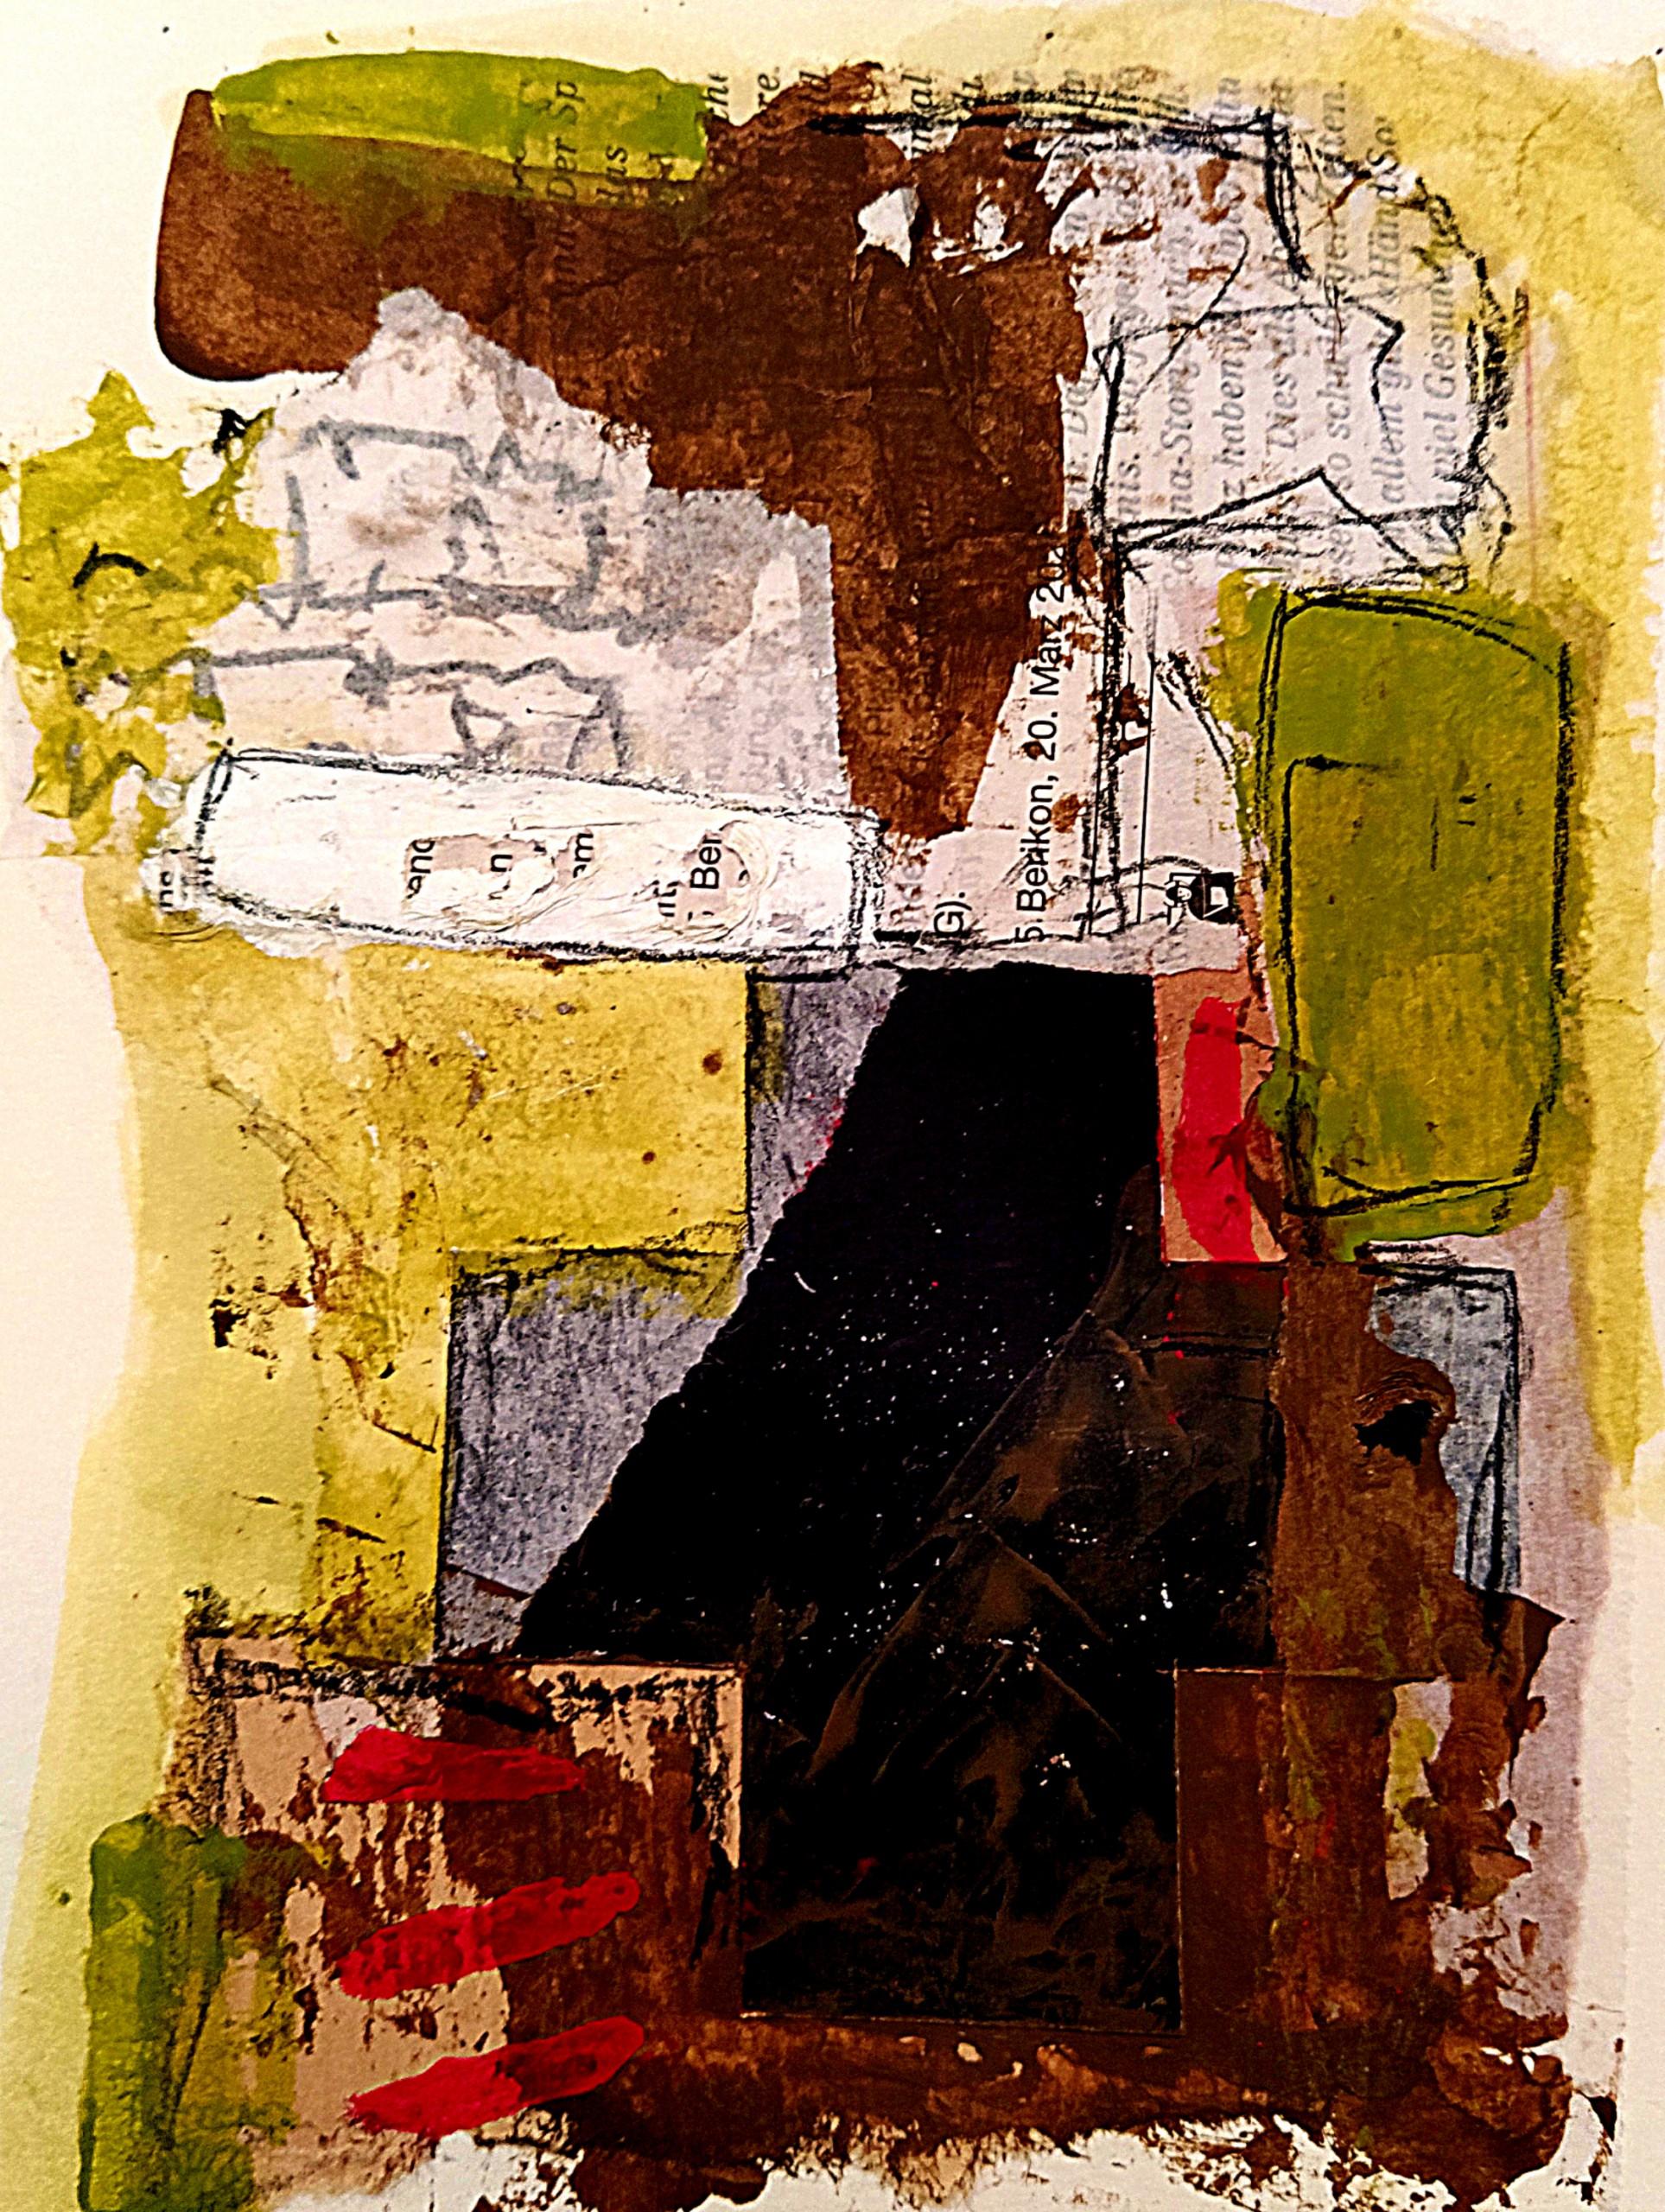 Atelier KunstAreal Abstrakt_7